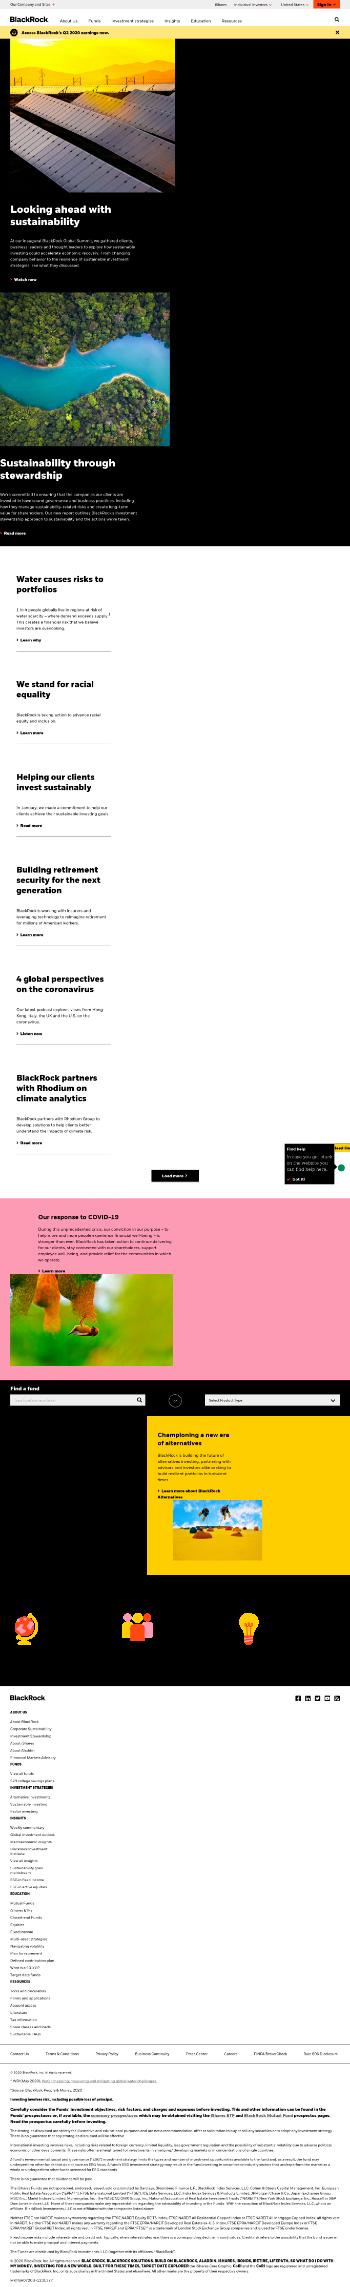 BlackRock Muni Intermediate Duration Fund, Inc. Website Screenshot